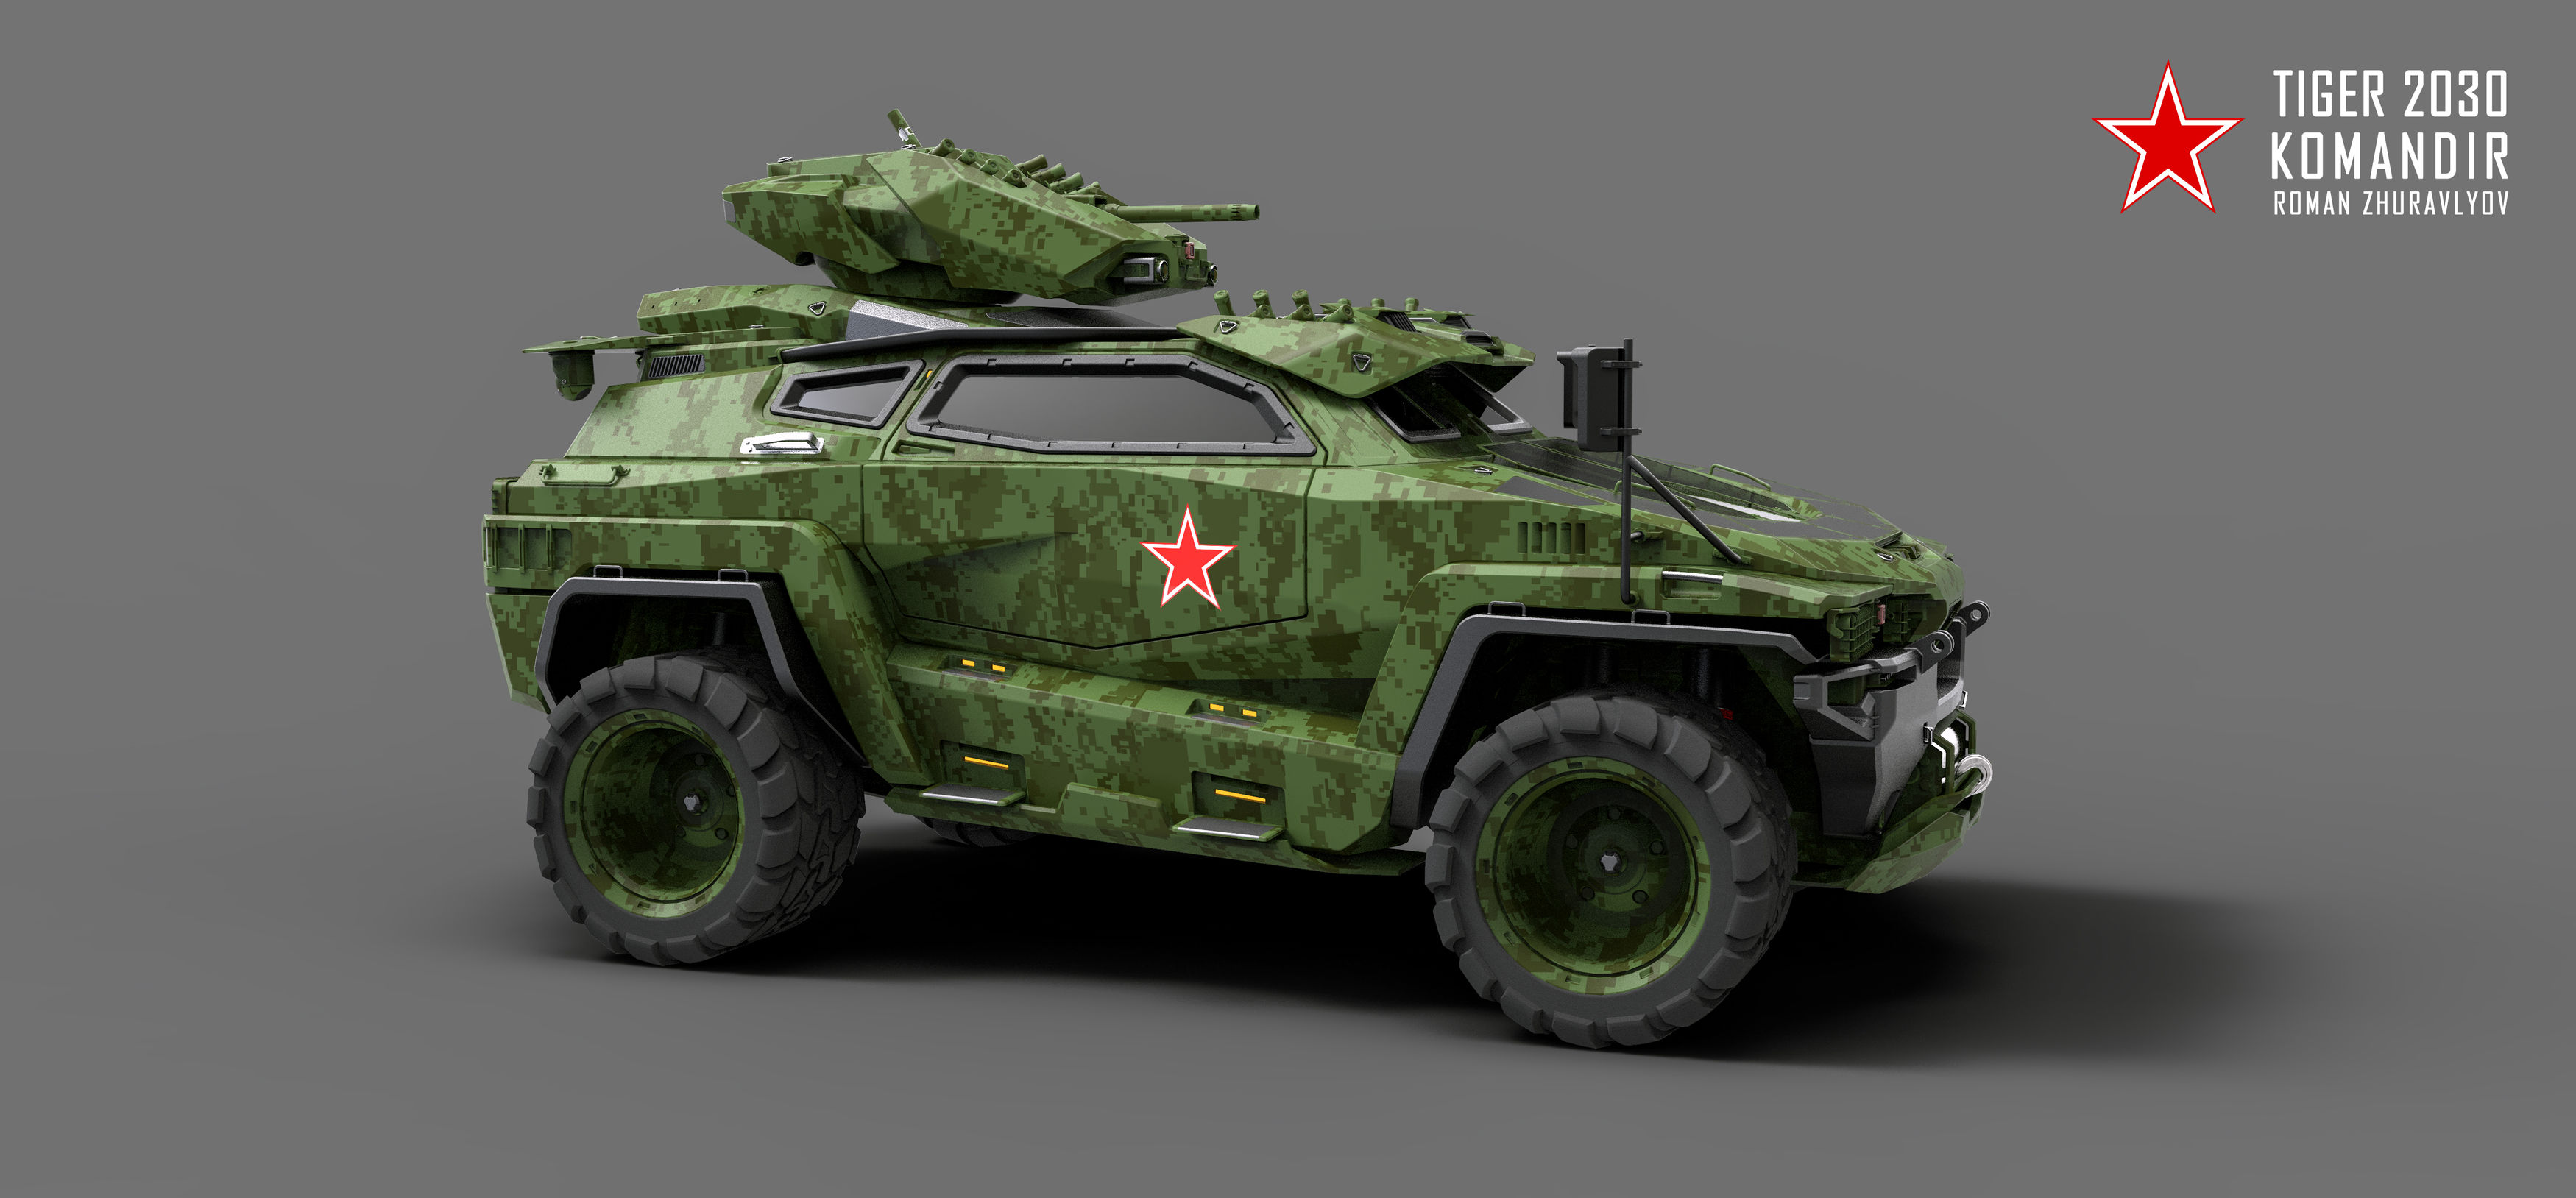 Bronevik-5-3500-3500